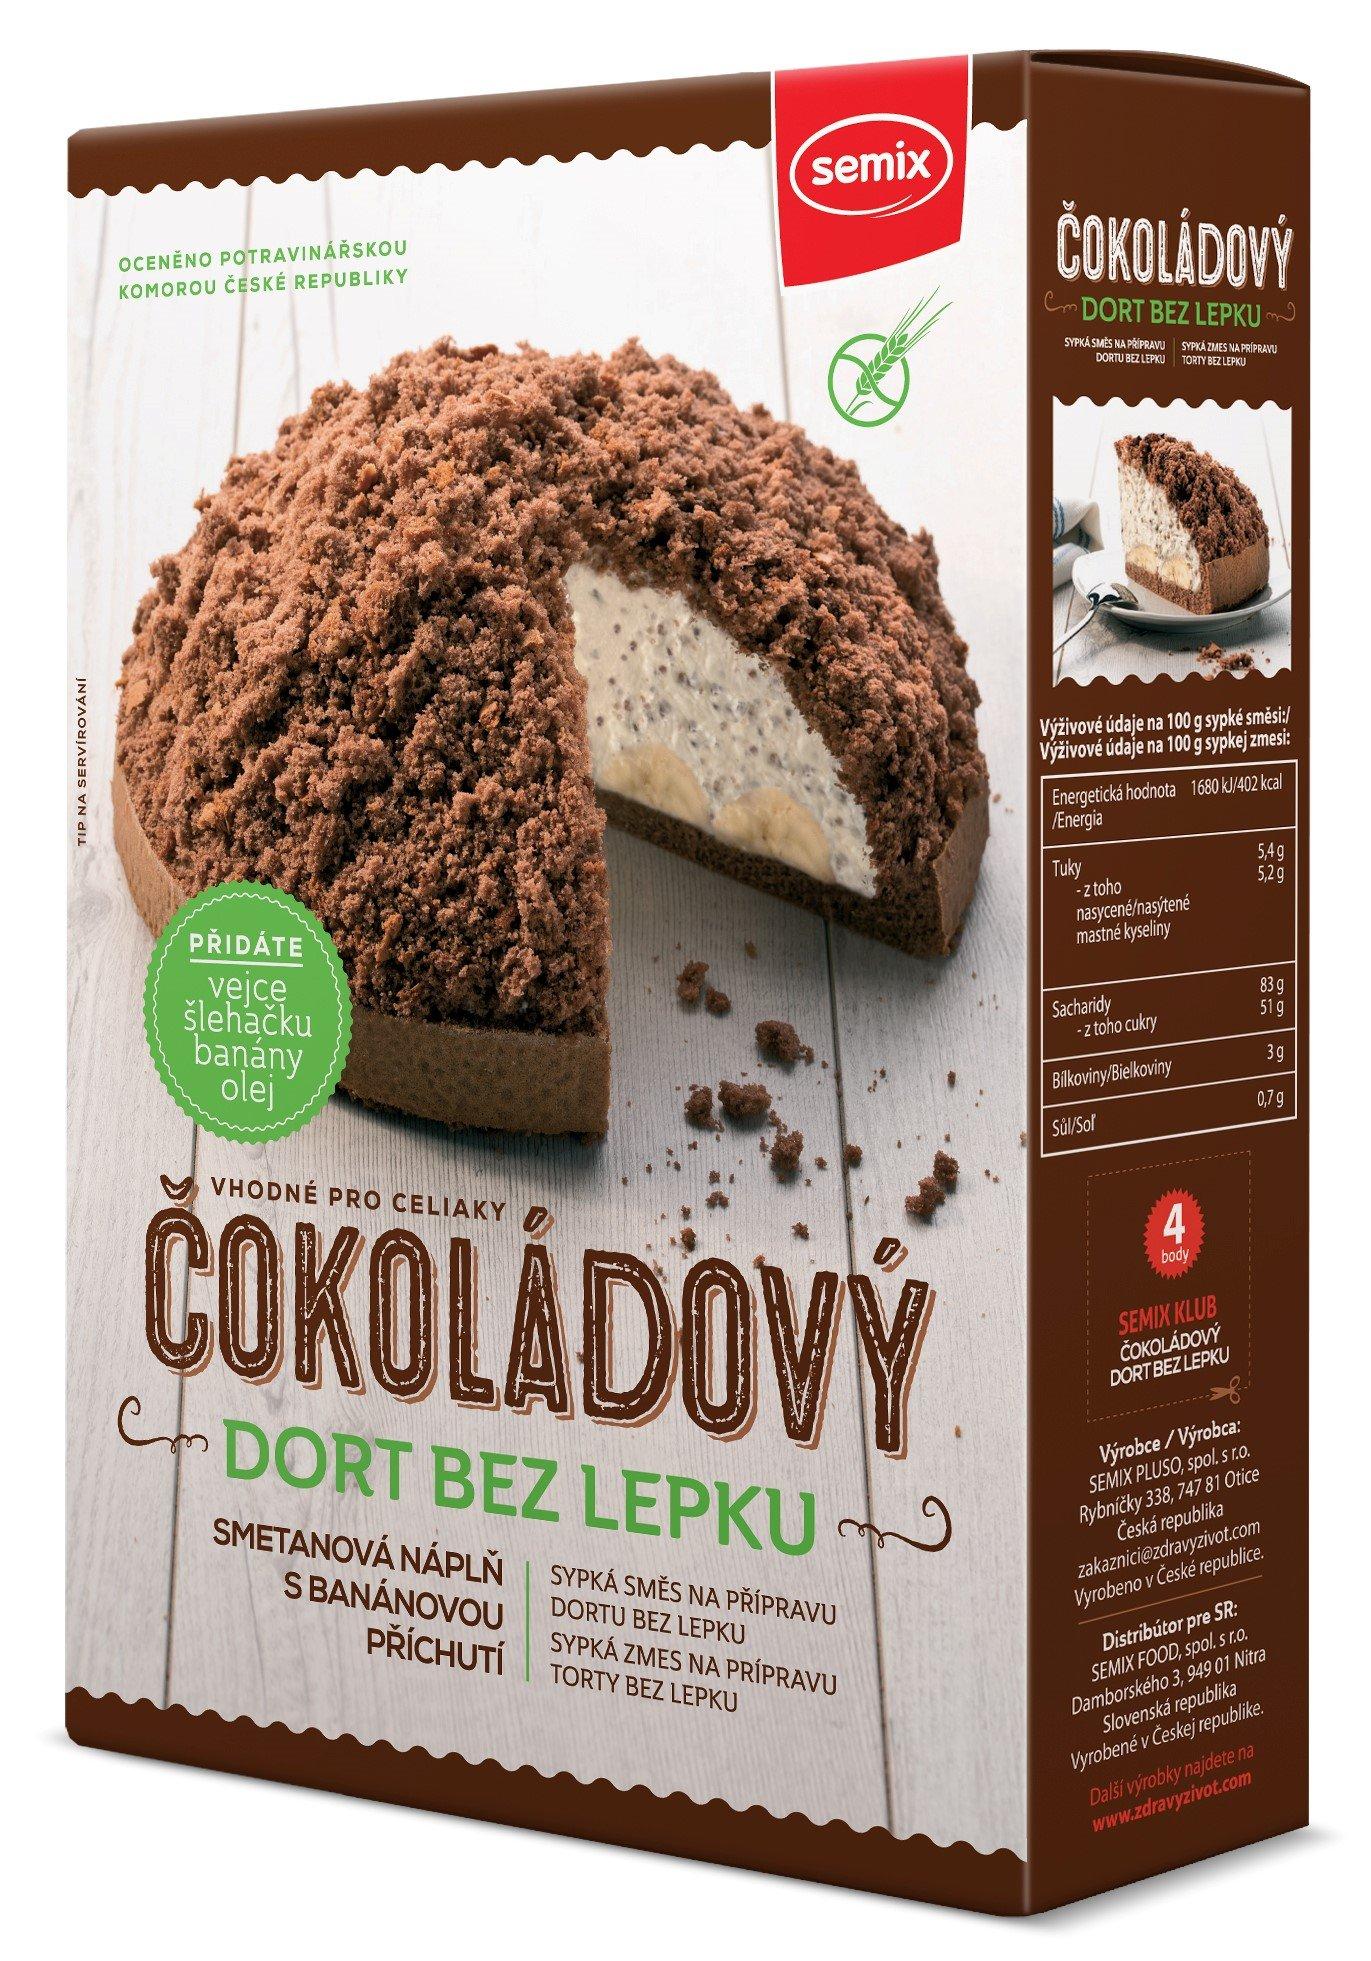 Semix Čokoládový dort bez lepku 430g